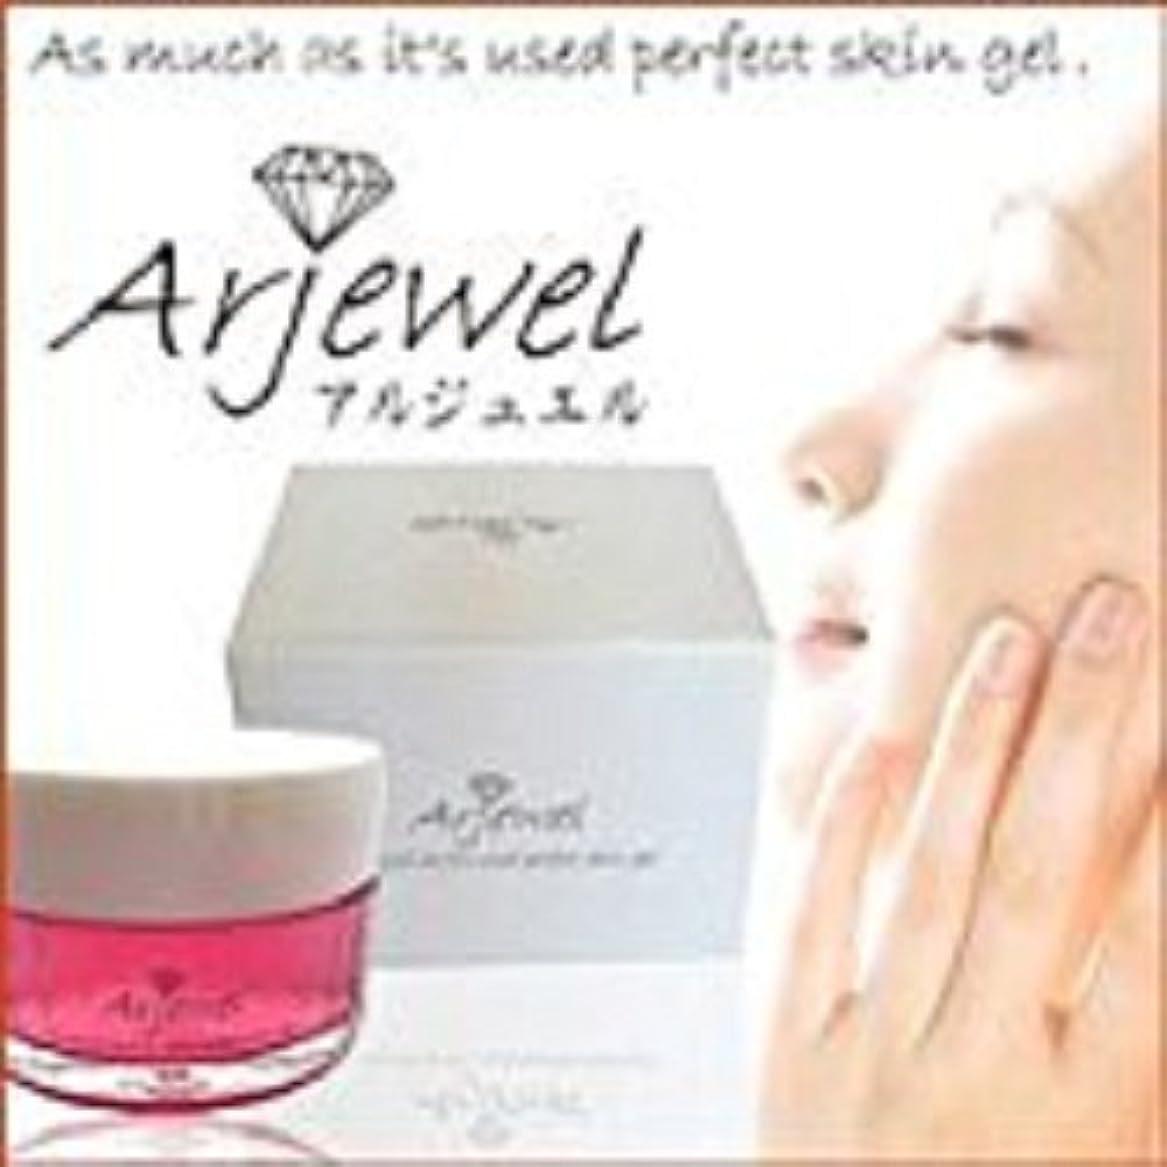 潜む回想フィルタアルジュエル (Arjewel) /美容ジェル 小顔ジェル